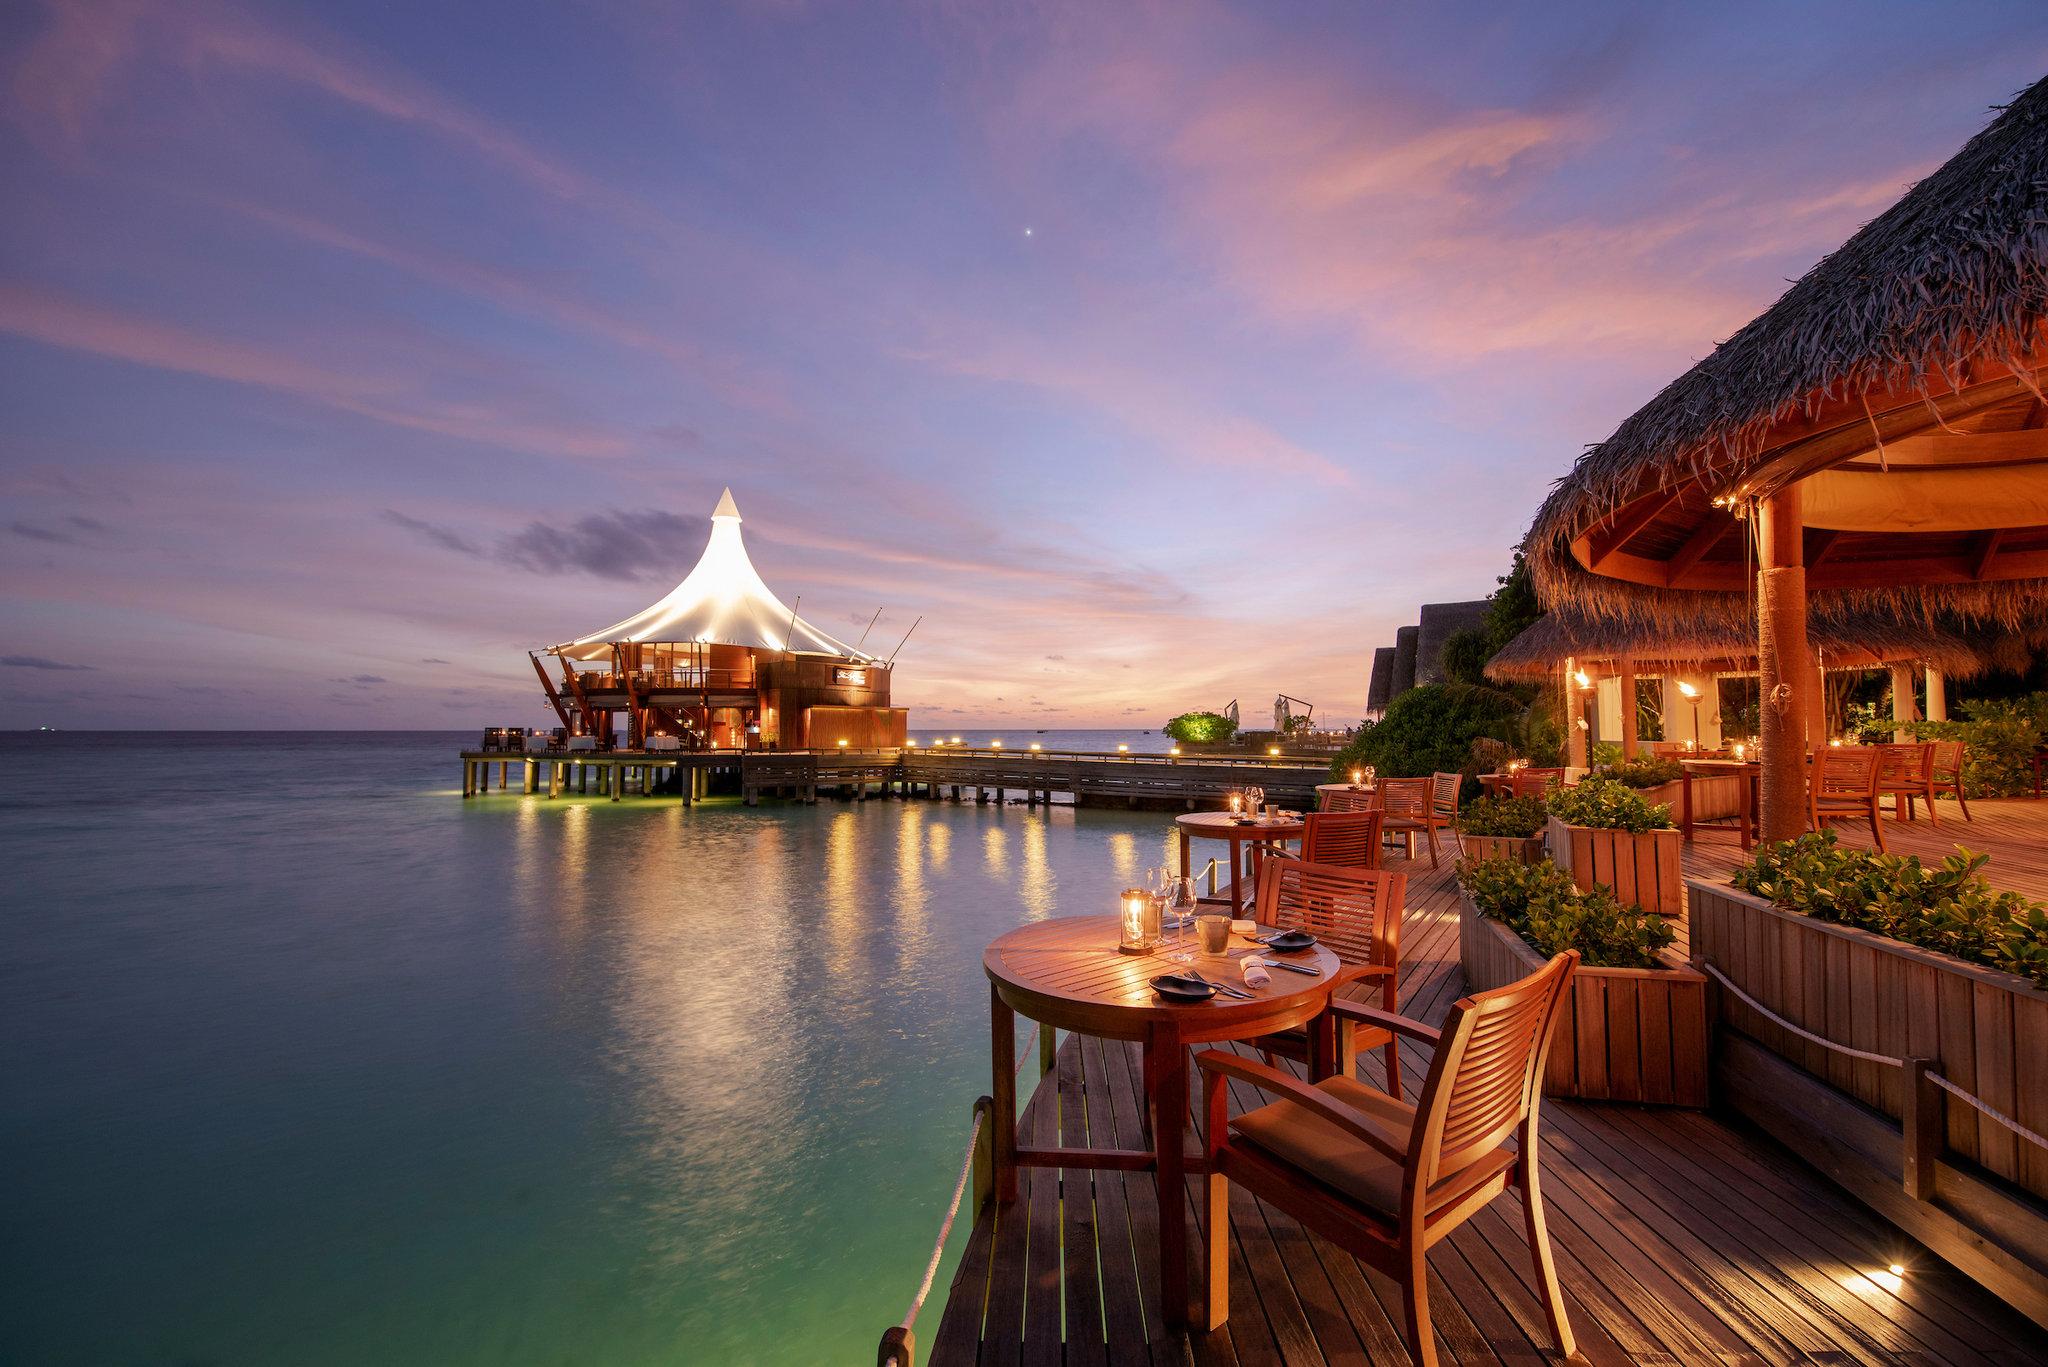 Baros_Maldives_Cayenne_Restaurant_S.jpg